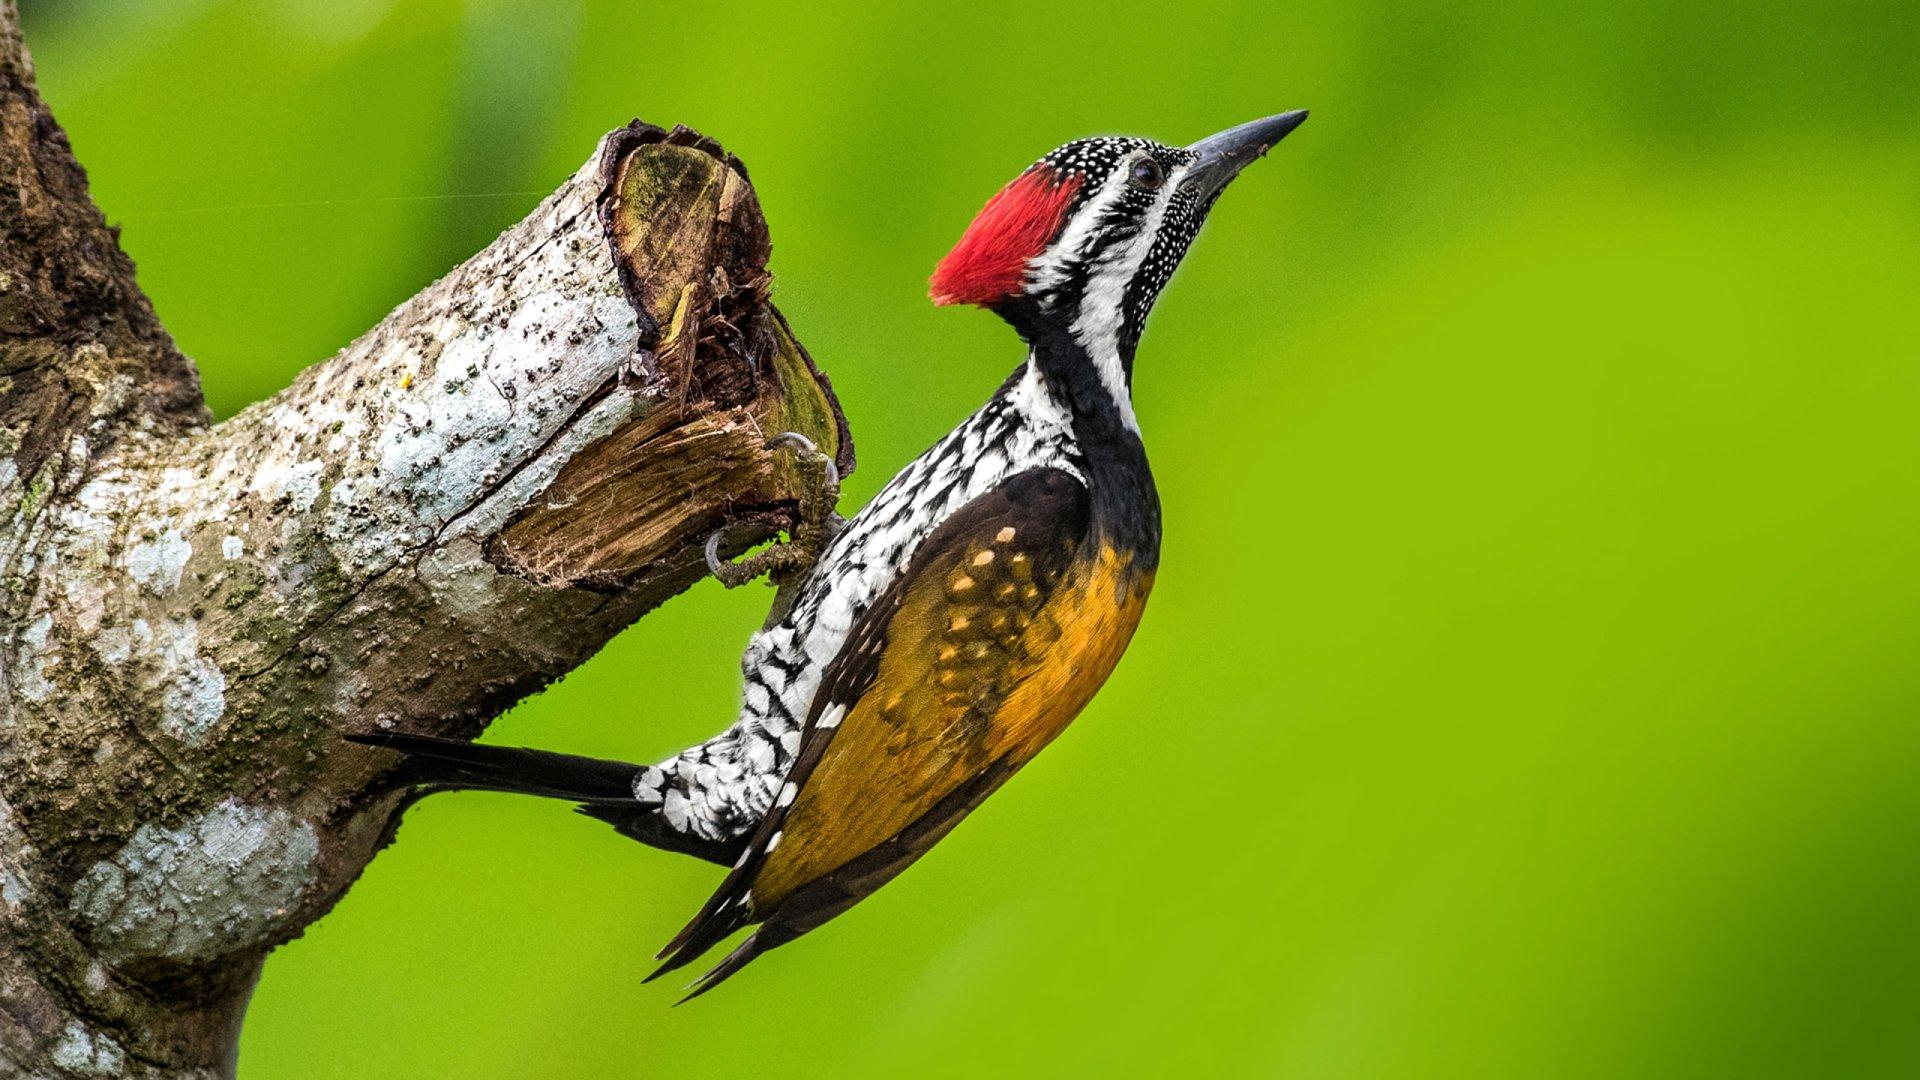 Cute Woodpecker Wallpaper 30229